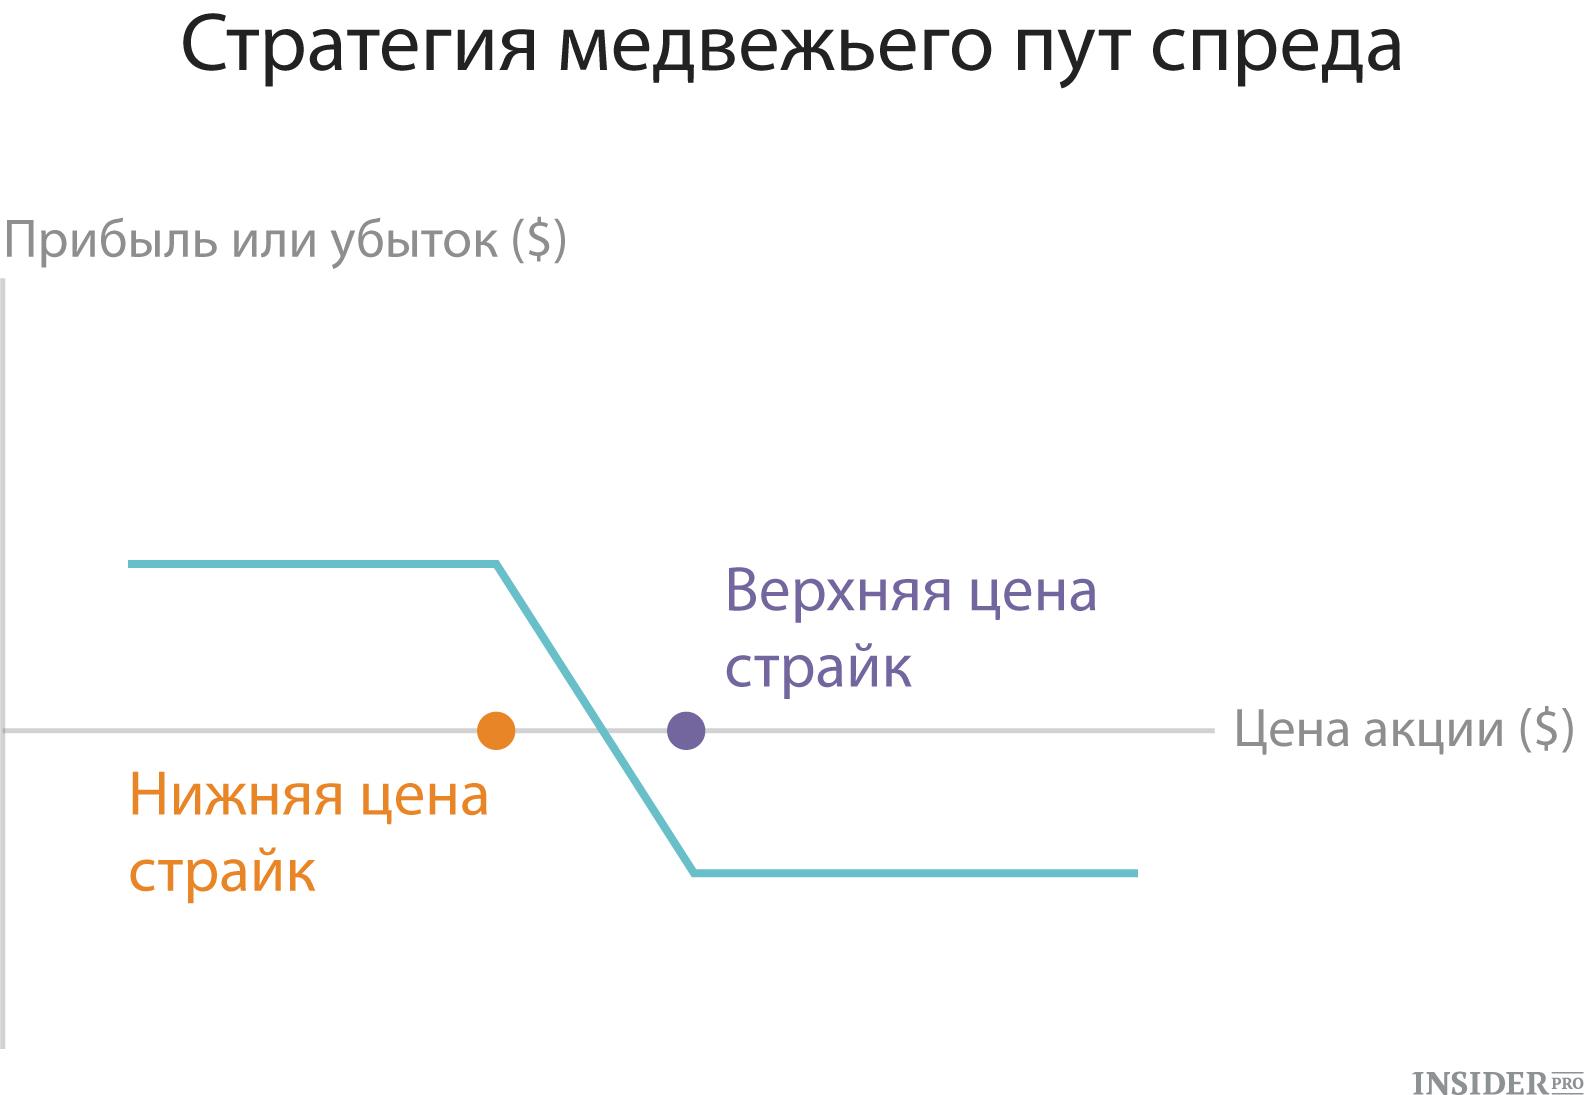 stratēģijas opcijas maiņas kurss)